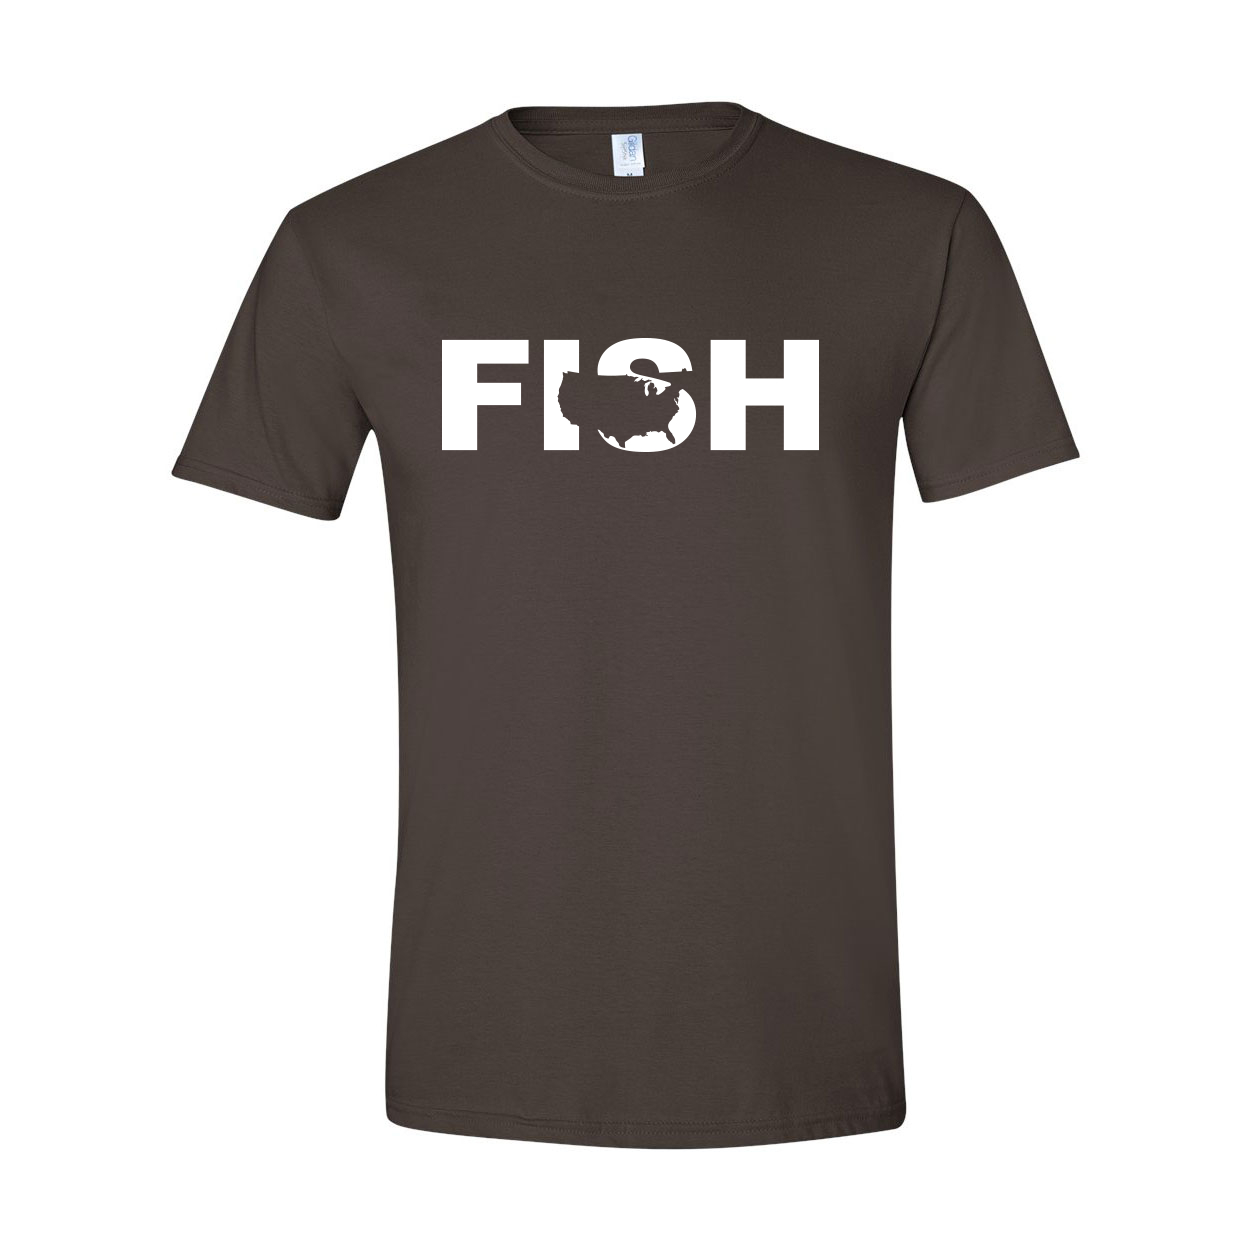 Fish United States Classic T-Shirt Dark Chocolate Brown (White Logo)